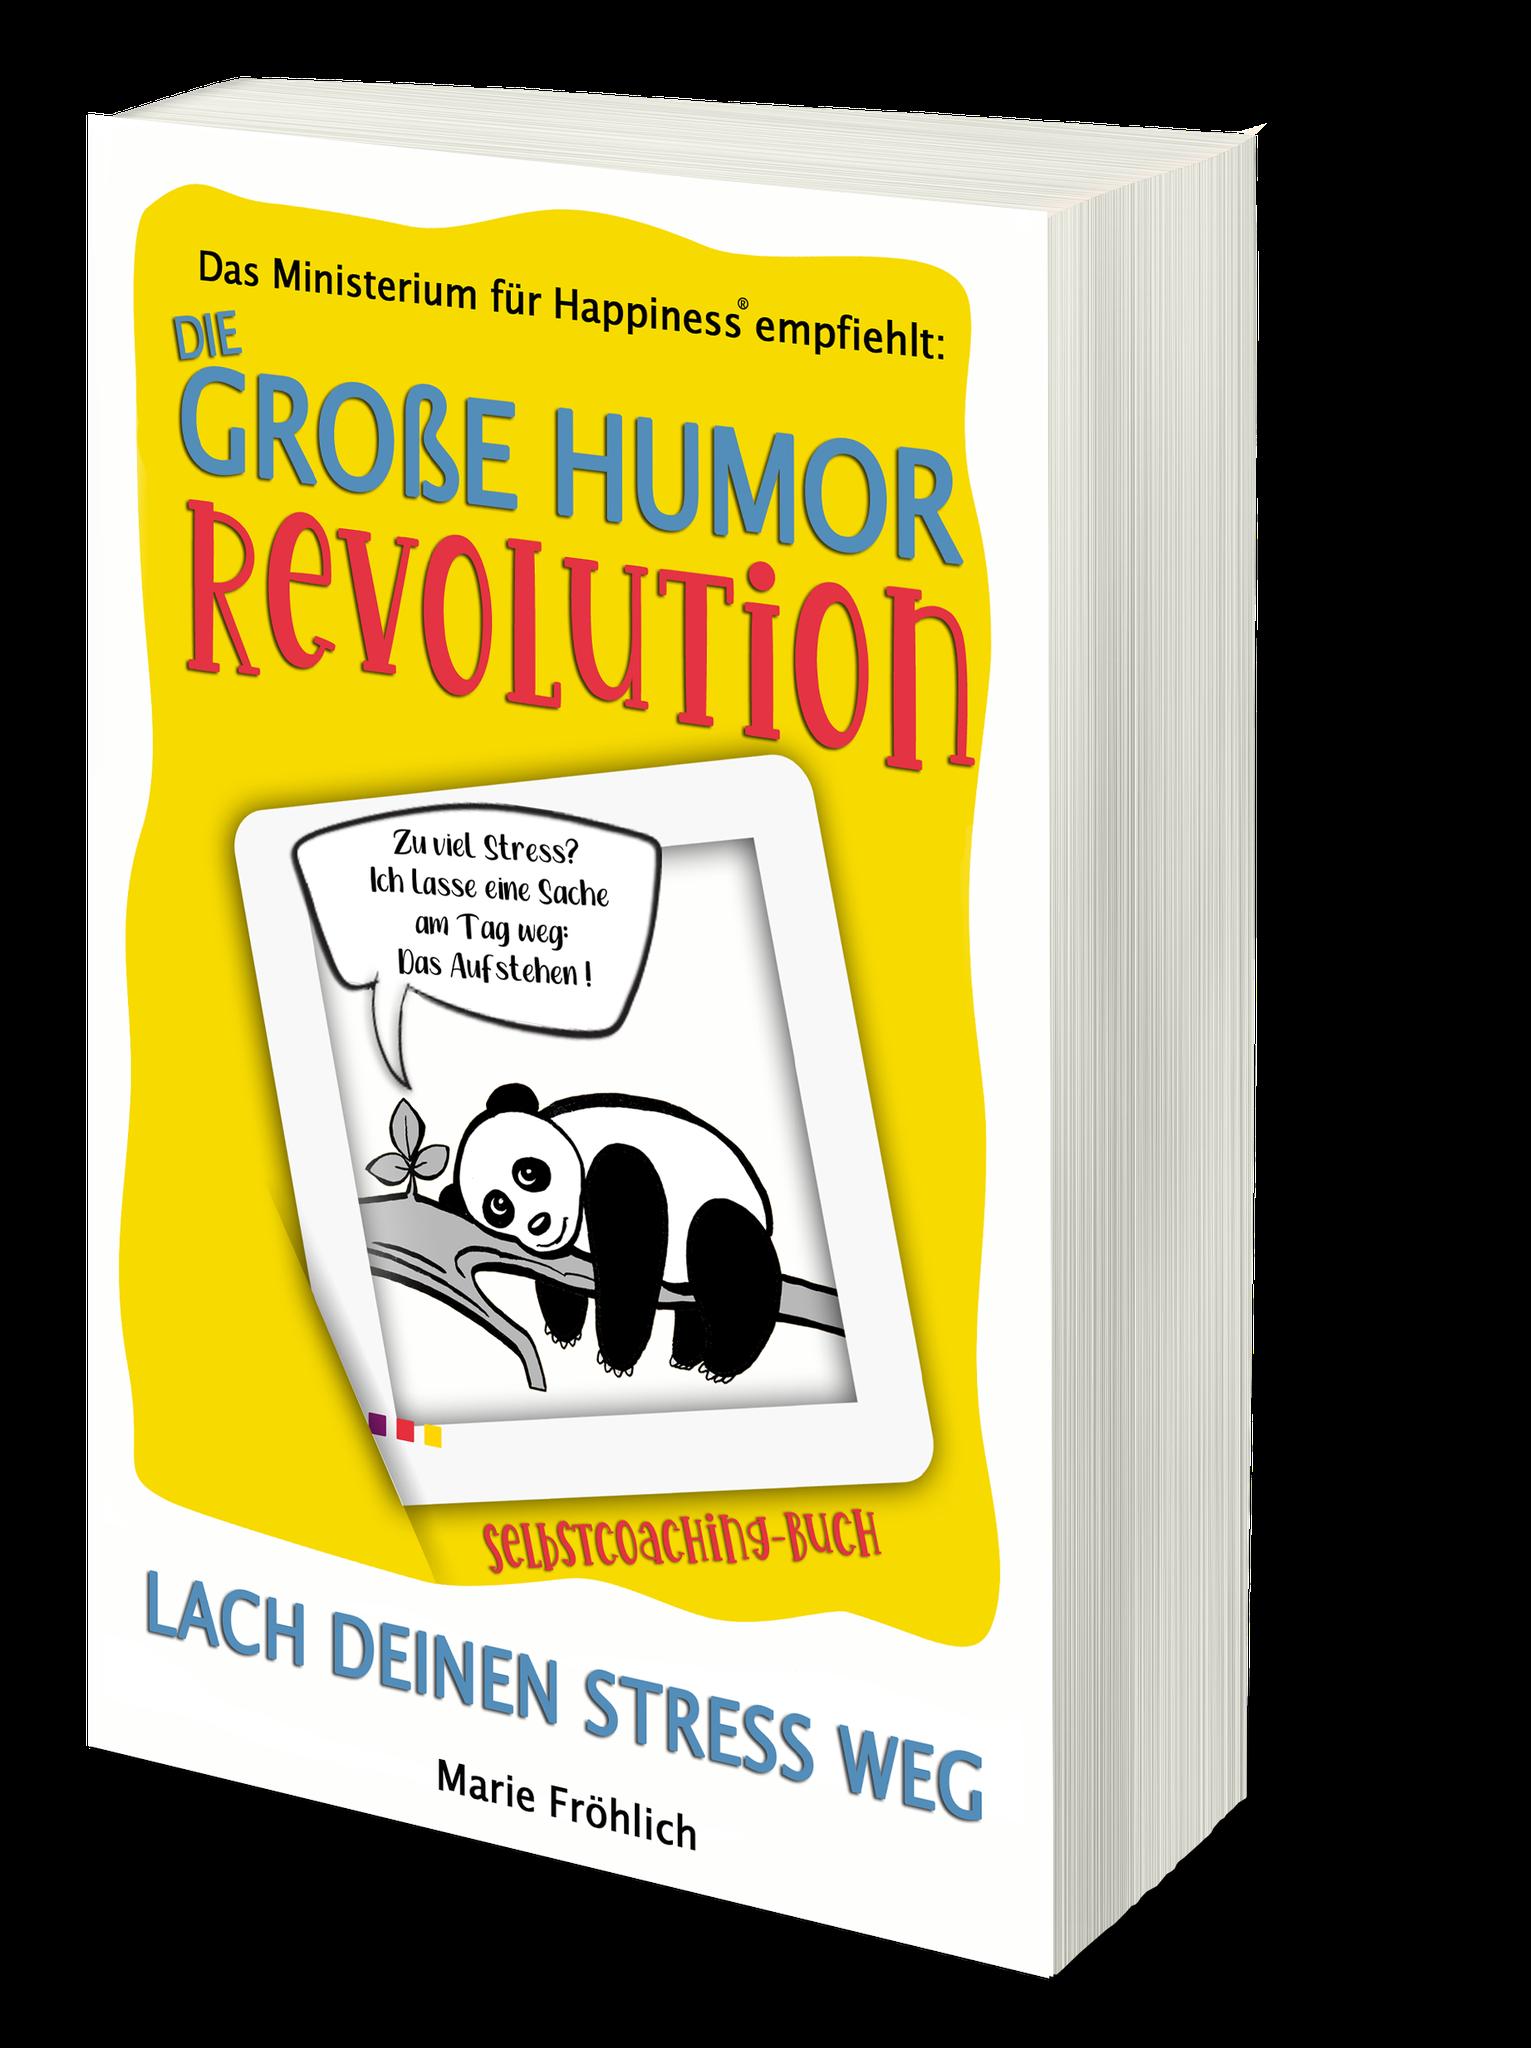 Die große Humor Revolution: Lach deinen Stress weg. Selbstcoaching-Buch